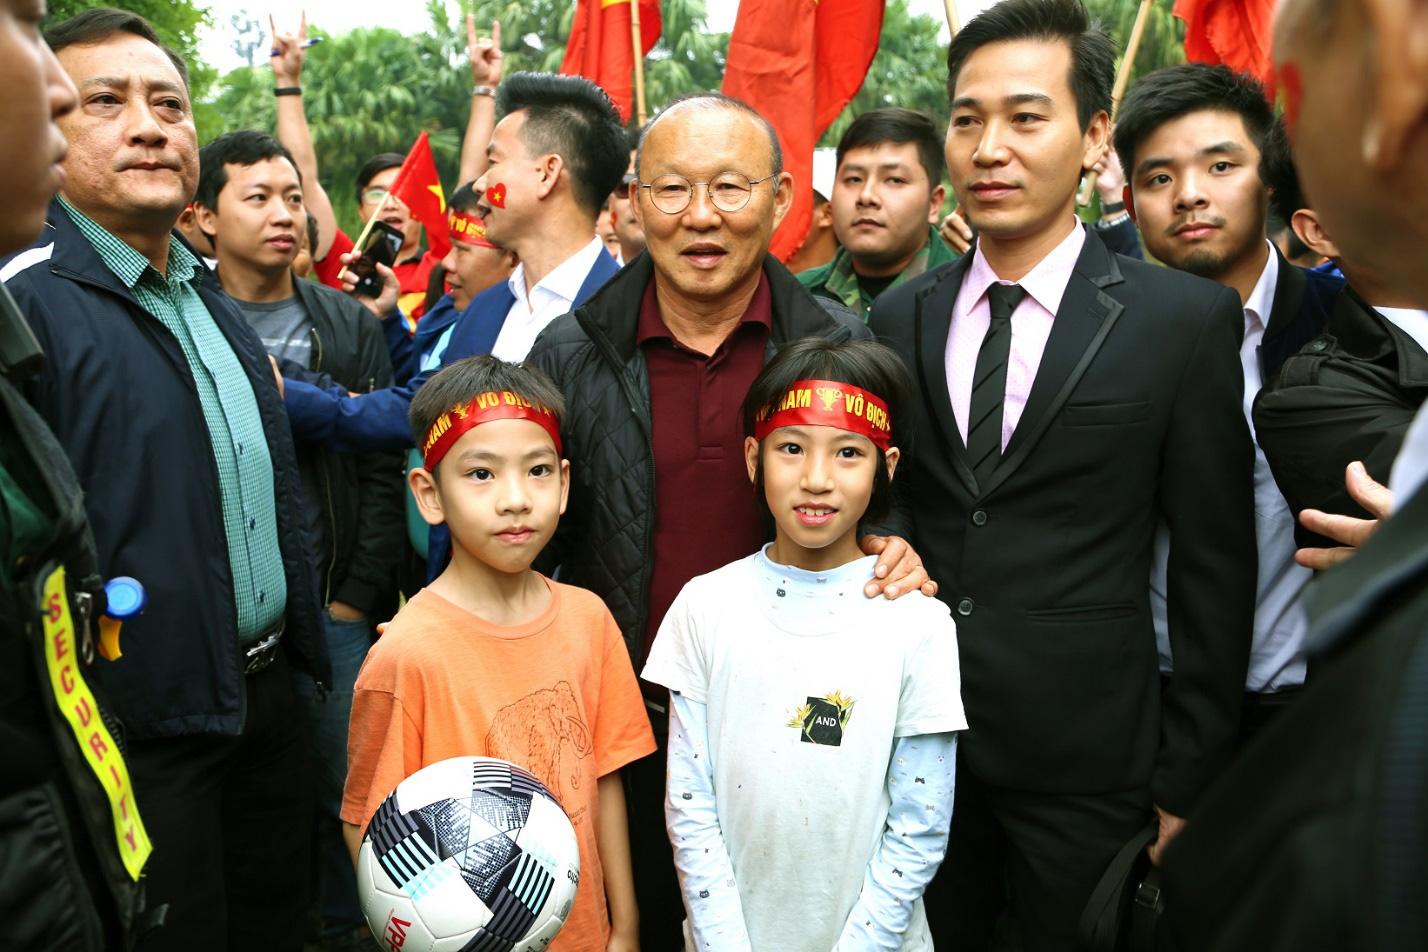 Người hâm mộ cuồng nhiệt với thầy trò HLV Park Hang Seo và thủ môn Đặng Văn Lâm - Ảnh 7.